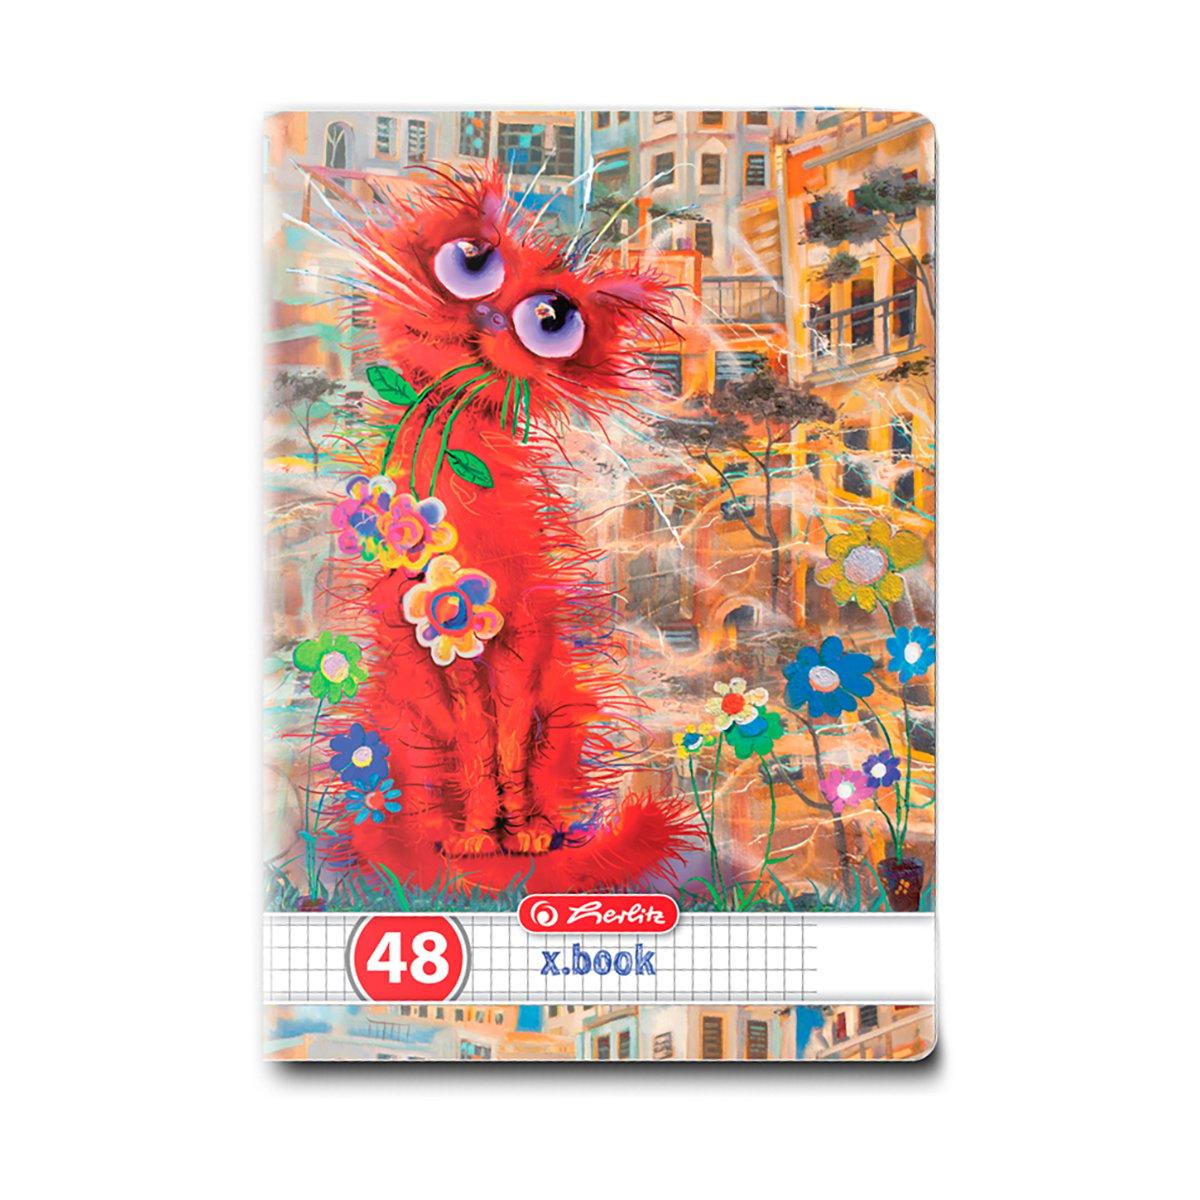 Caiet matematica Herlitz, A5, 48 file, Crazy Cats